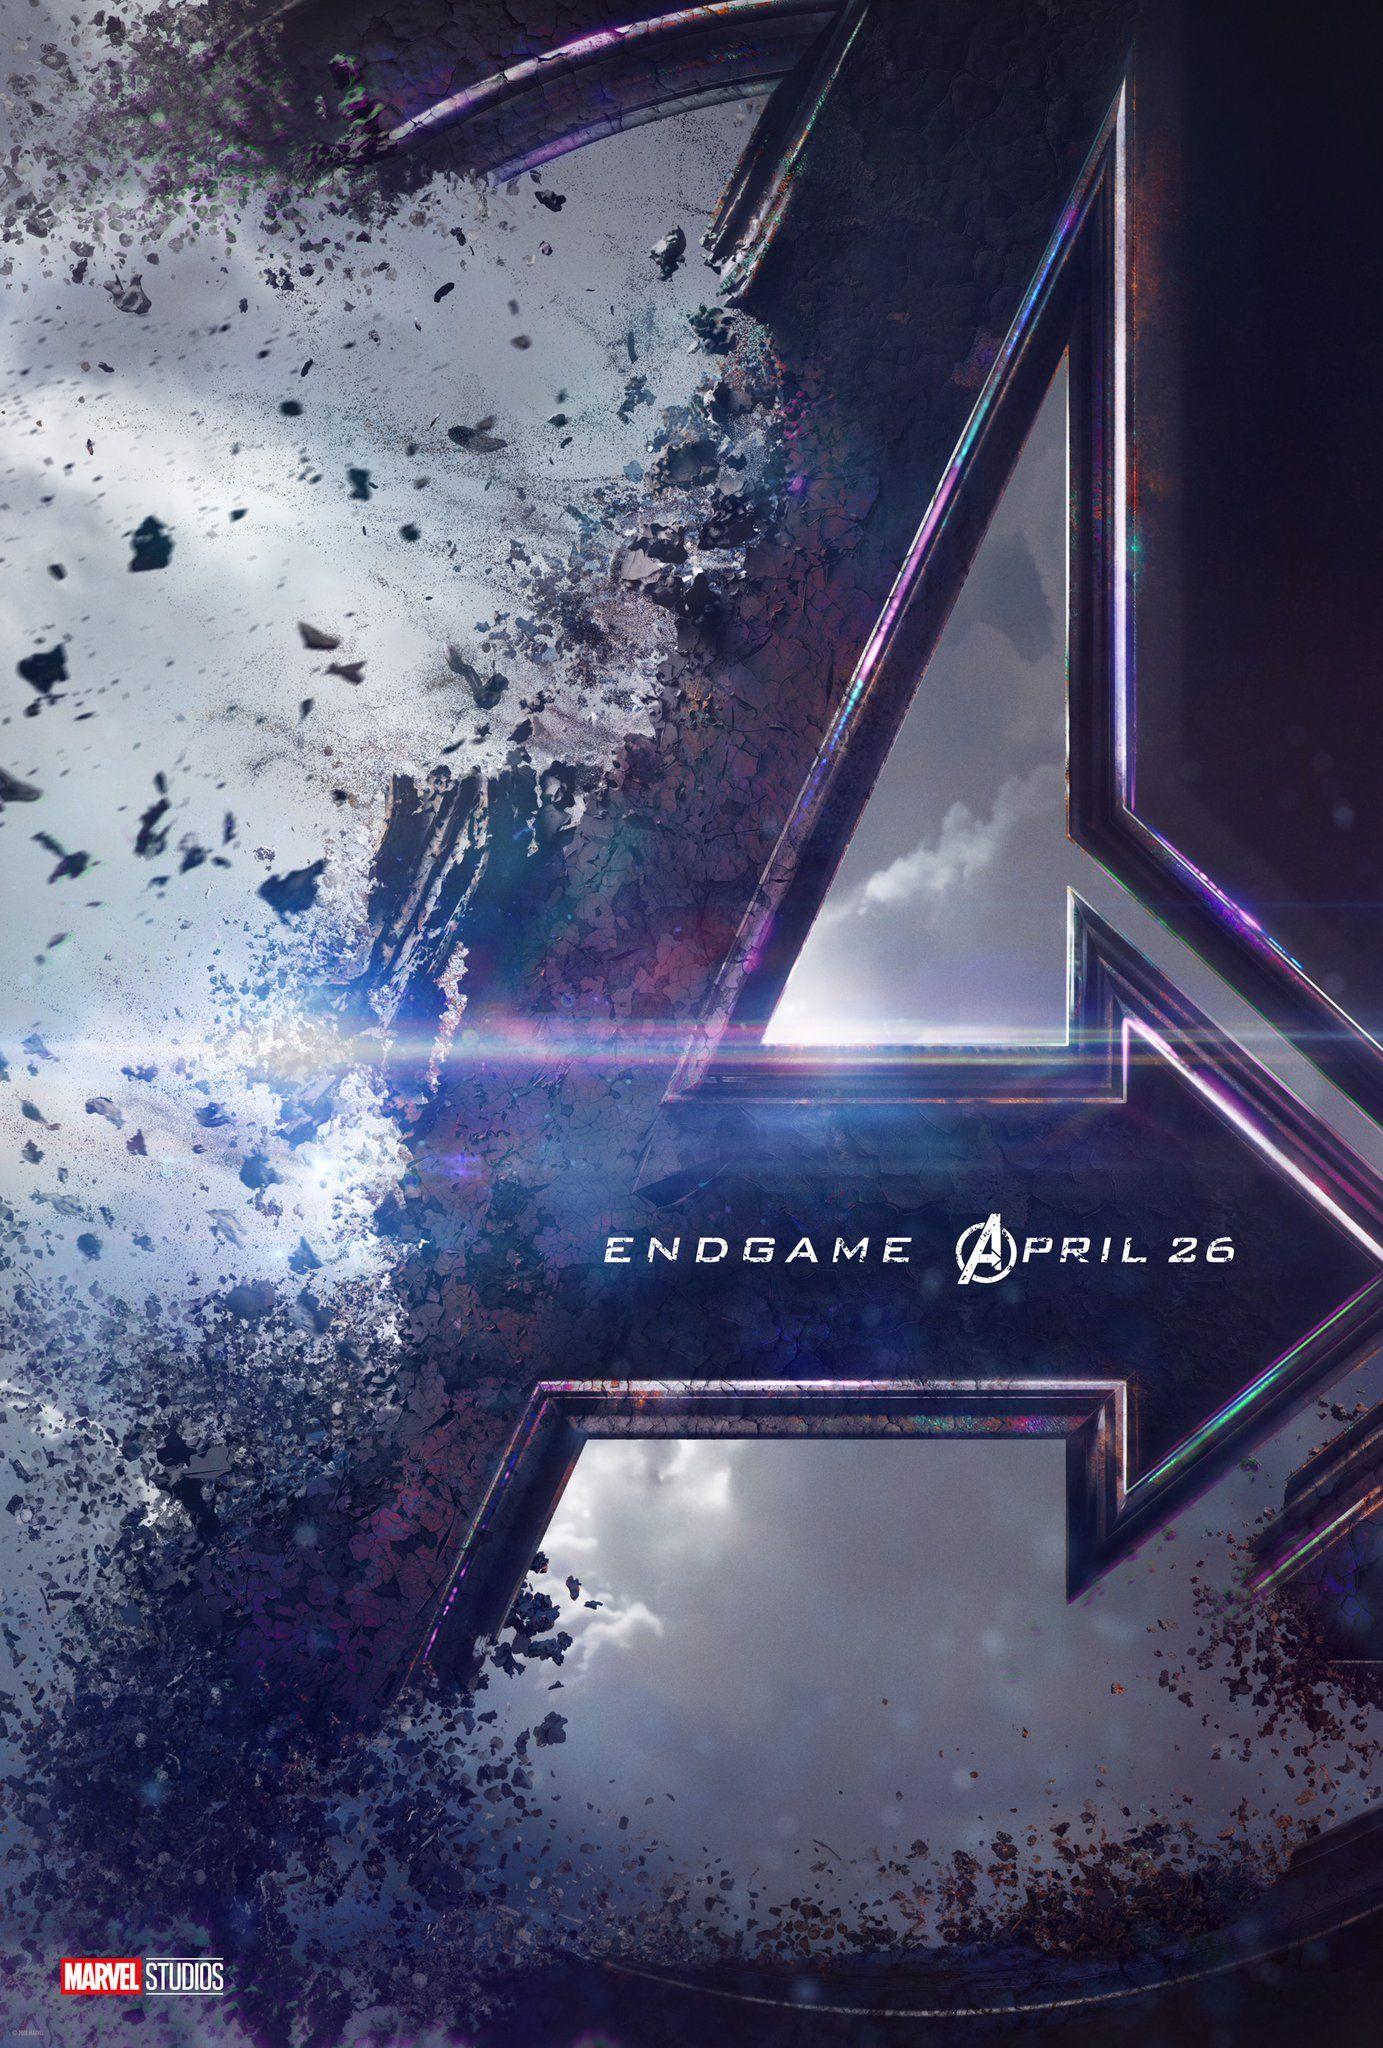 Trailery pre Avengers: Endgame ukáže len zábery z prvých 15 minút filmu. O názve bolo rozhodnuté ešte pred natáčaním